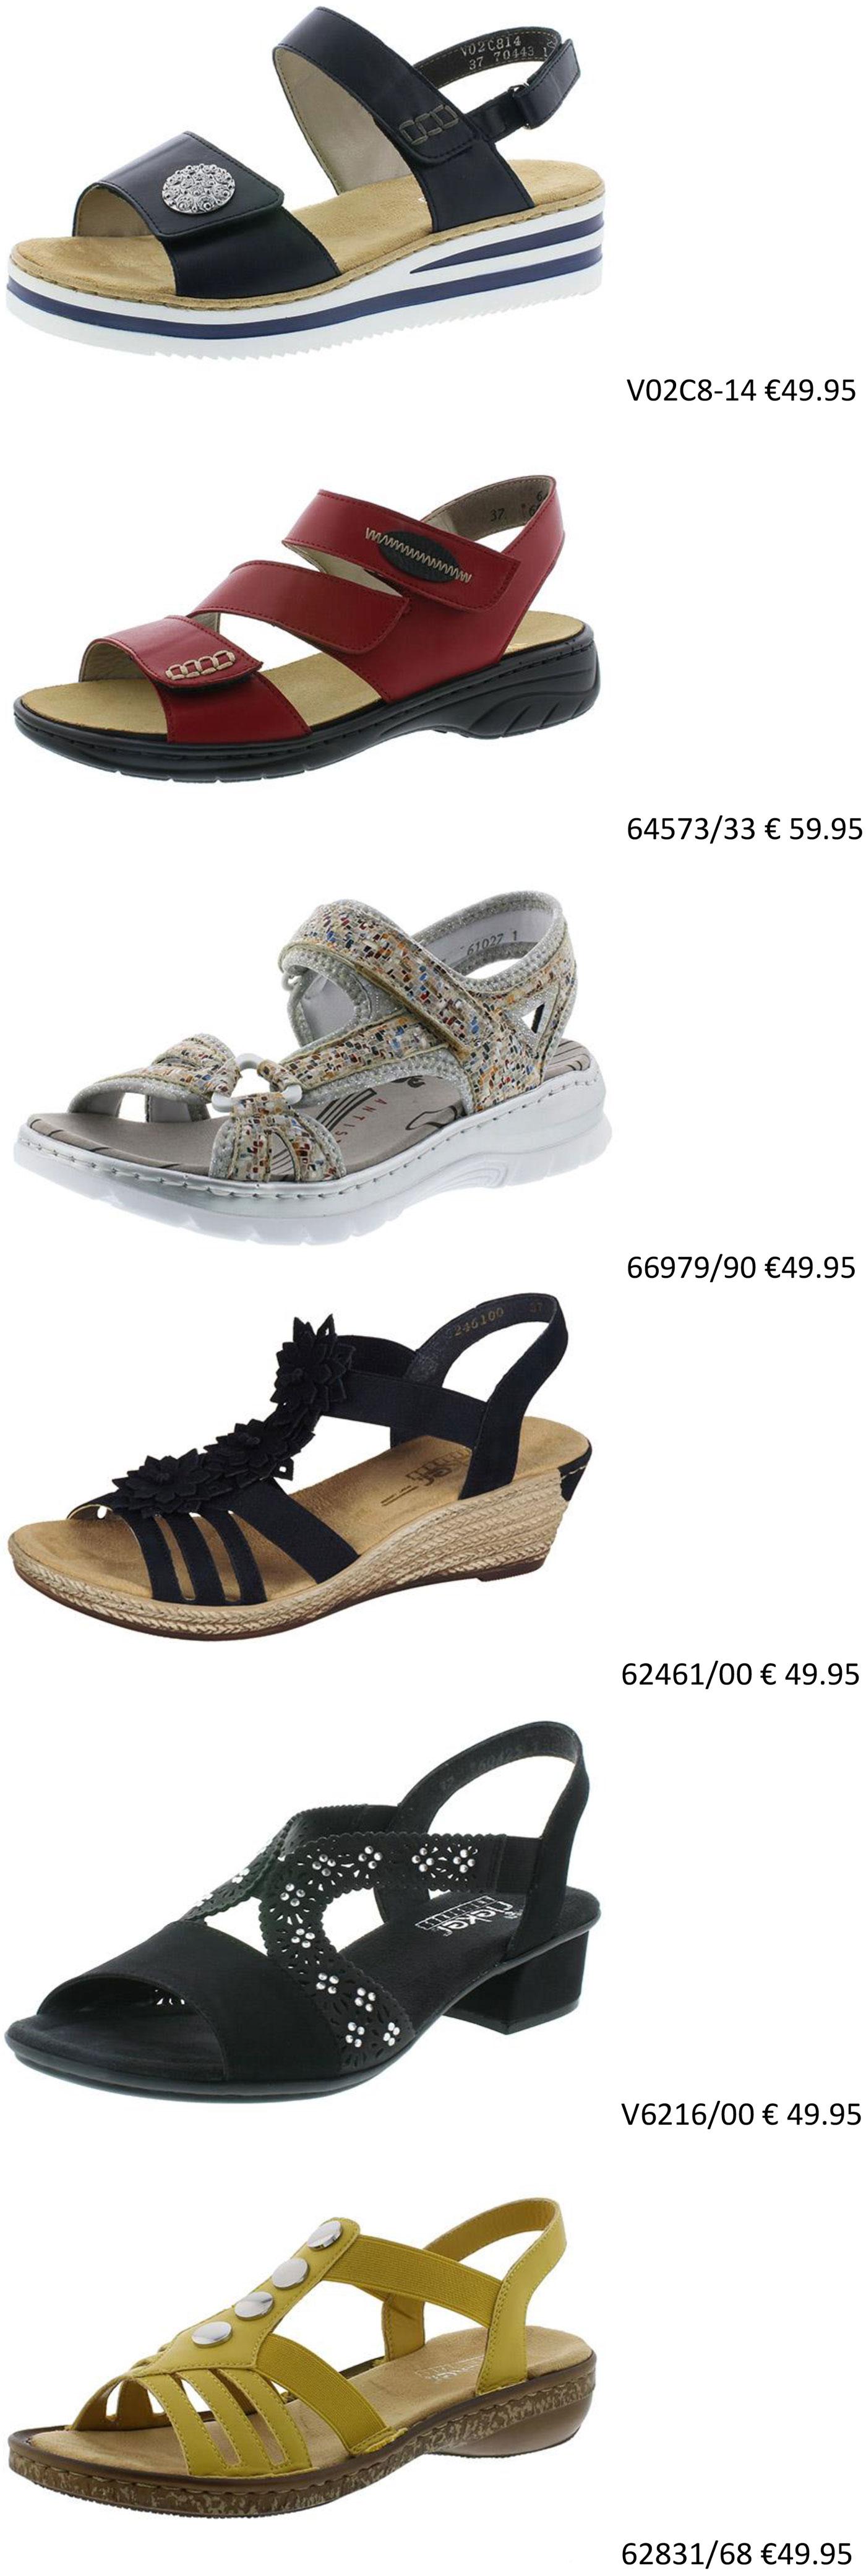 Rieker-Sandaletten-Damen